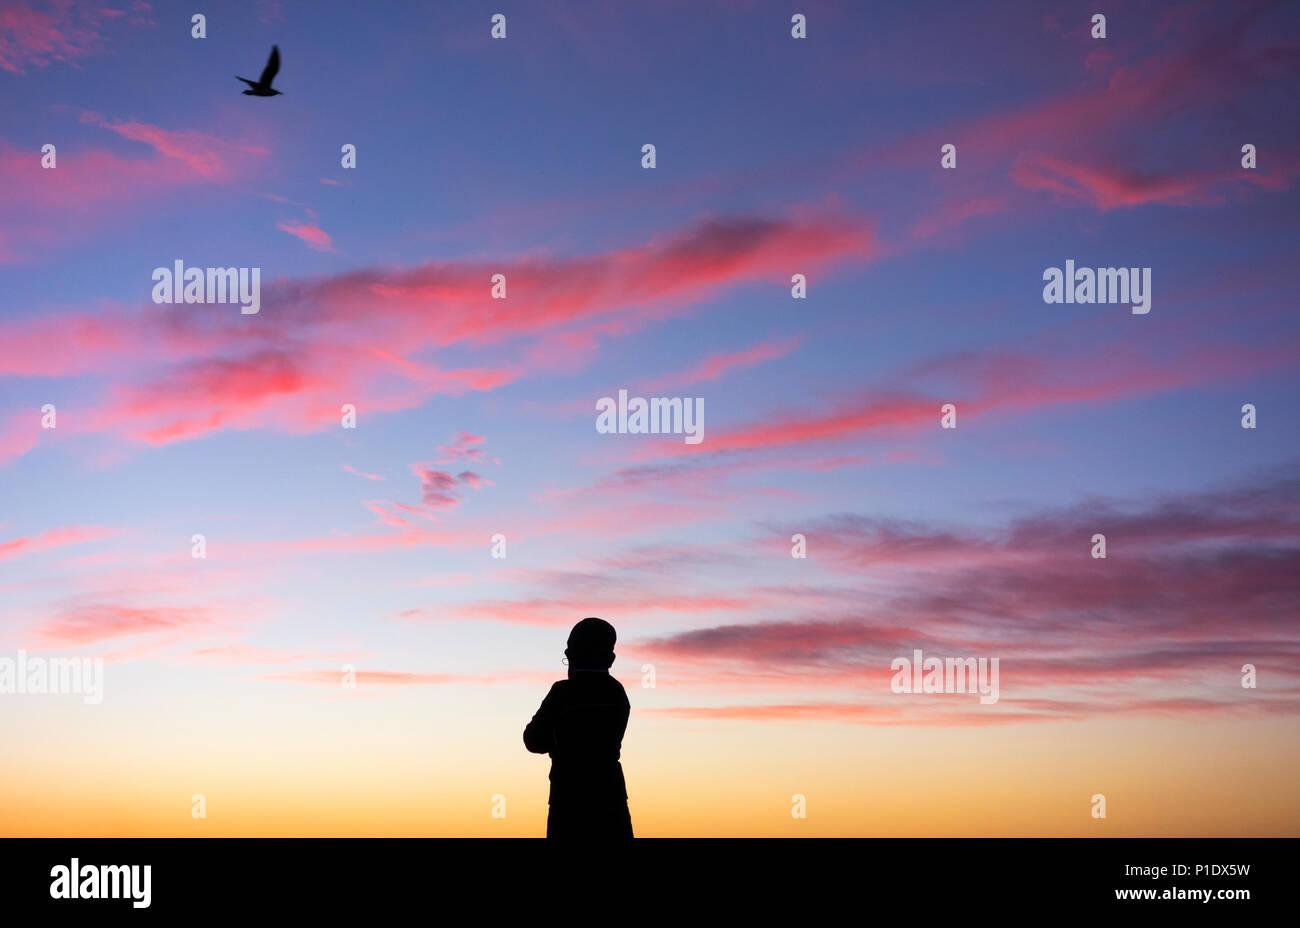 Ansicht der Rückseite Frau gegen Sonnenuntergang als Silhouette Vogel overhead fliegt: psychische Gesundheit, weibliche Depression, positives Denken... Konzept Bild Stockfoto